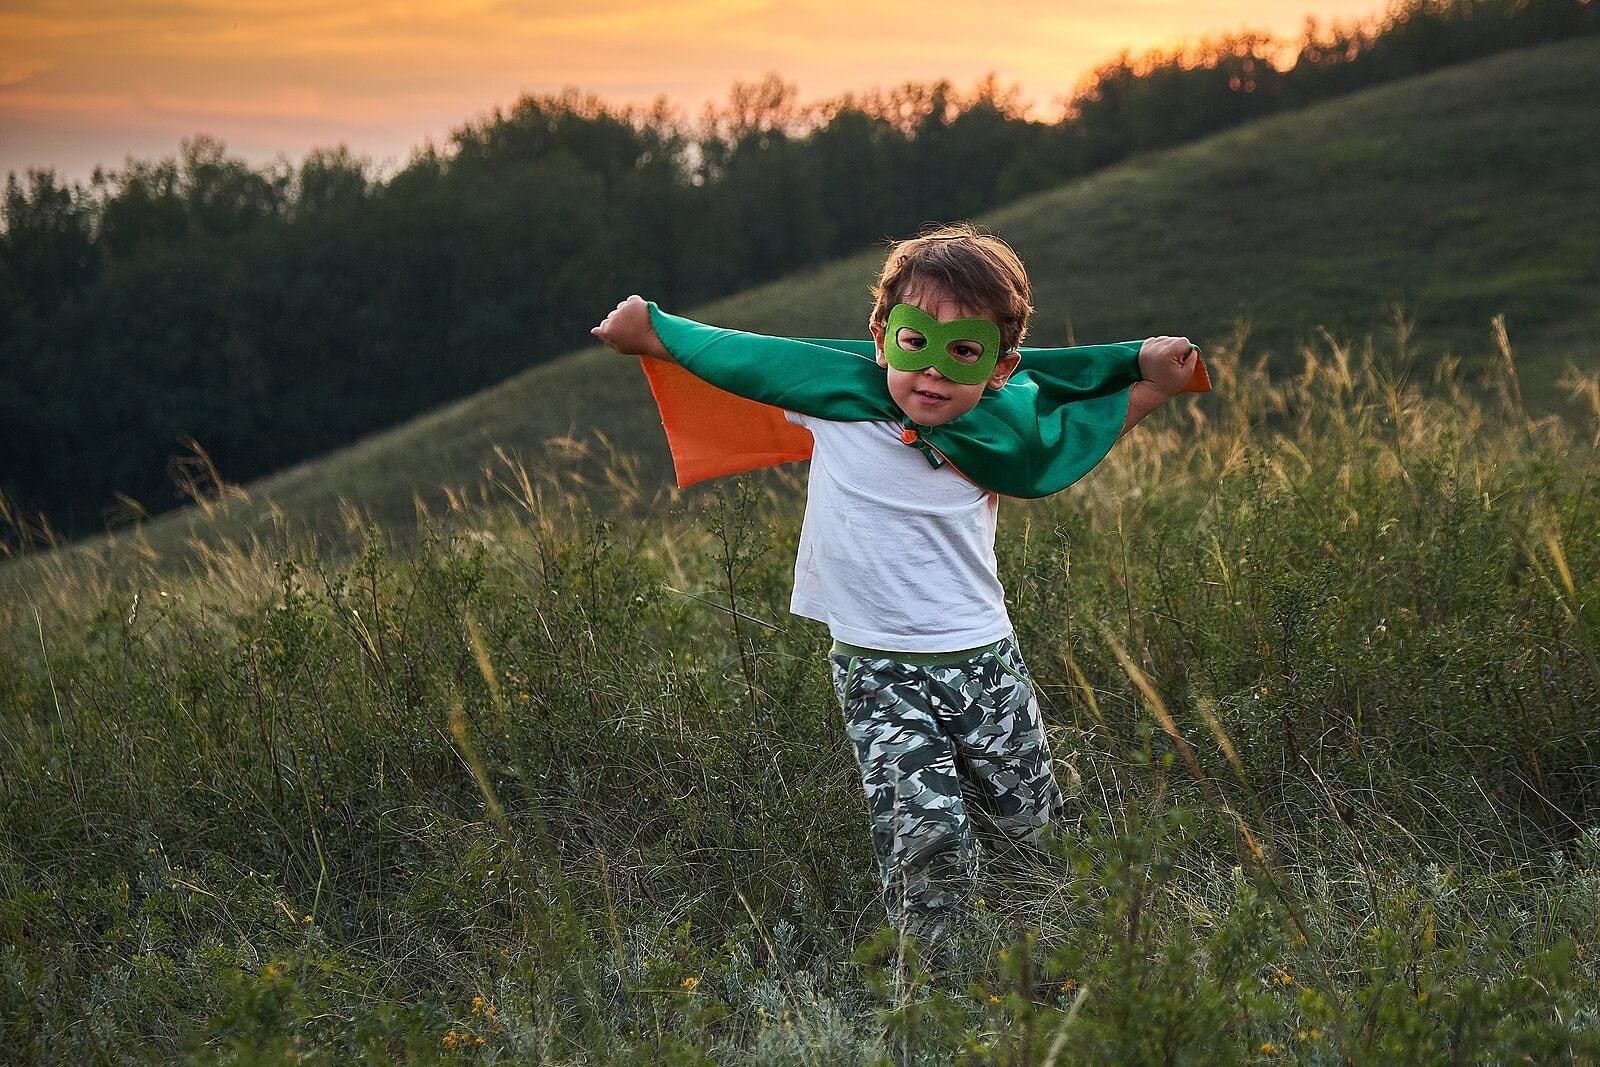 Niño disfrazado de superhéroe en el campo para desarrollar su imaginación y creatividad.